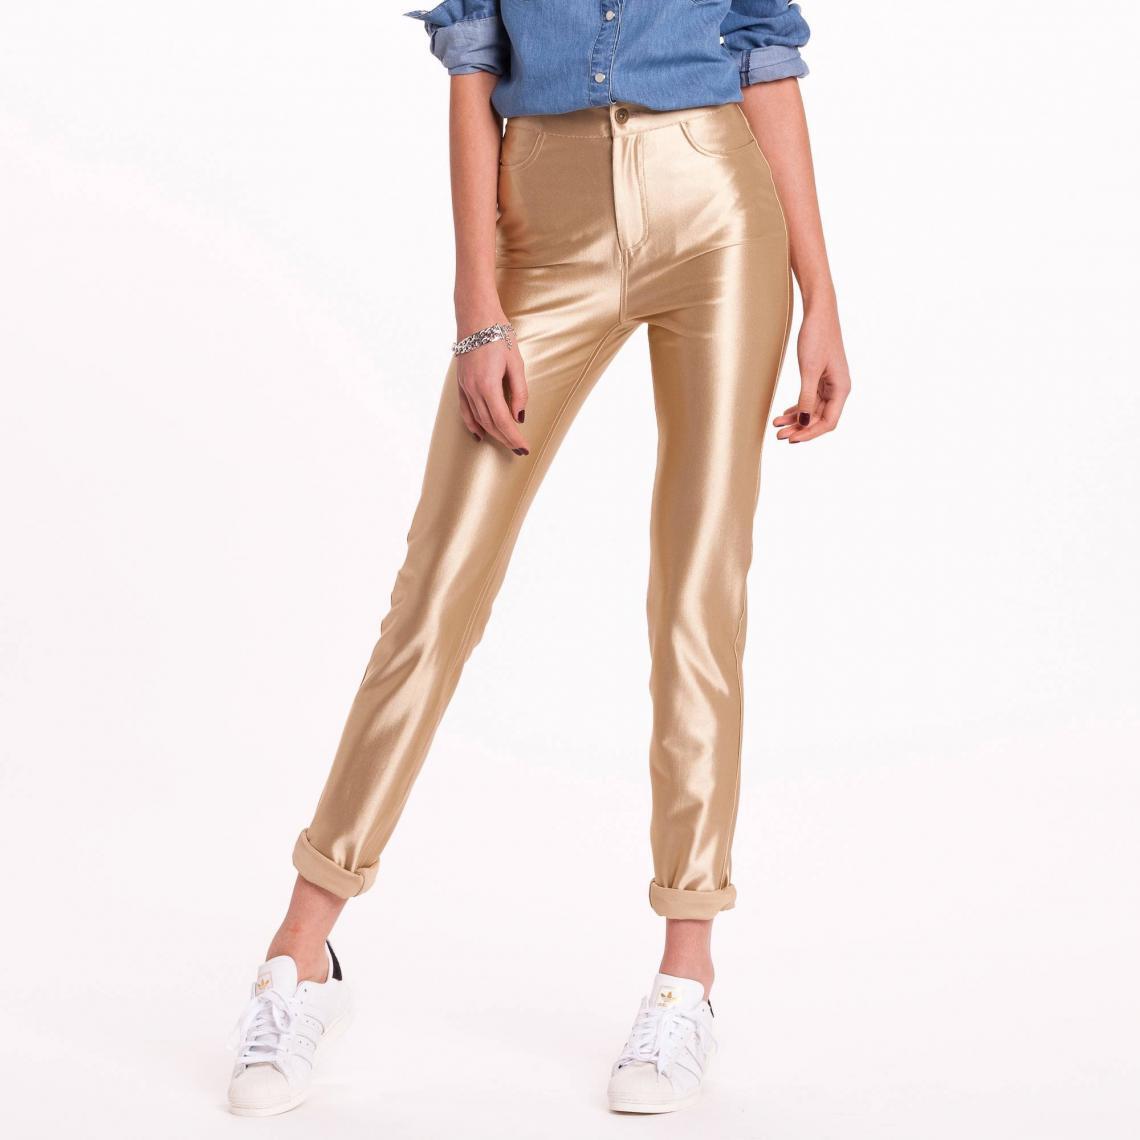 Doré Disco Pantalon Slim Femme Gris3 Suisses 4ARjc35Lq